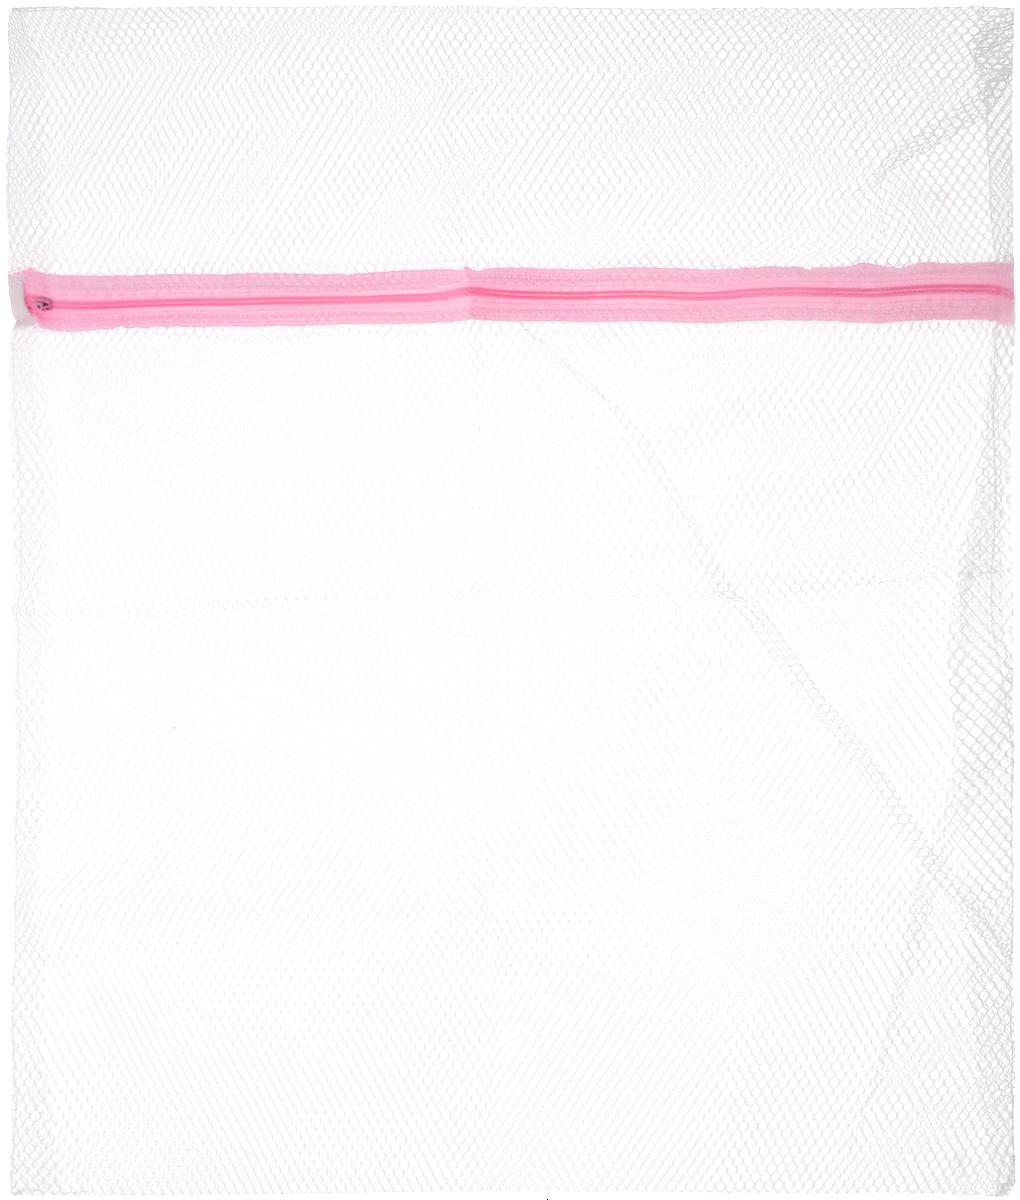 Мешок для стирки Bon, с застежкой, 56 х 50 смBN-402Мешок Bon предназначен для стирки вещей из деликатных тканей. Изготовлен из высококачественного материала. Имеет удобную и надежную застежку-молнию. Не окрашивает белье.Термостойкий мешок создан для бережной стирки, отжима, сушки деликатных и трикотажных изделий в стиральной машине. Предохраняет от зацепок и растягивания, исключает попадание мелких вещей и элементов одежды в механизм машины.